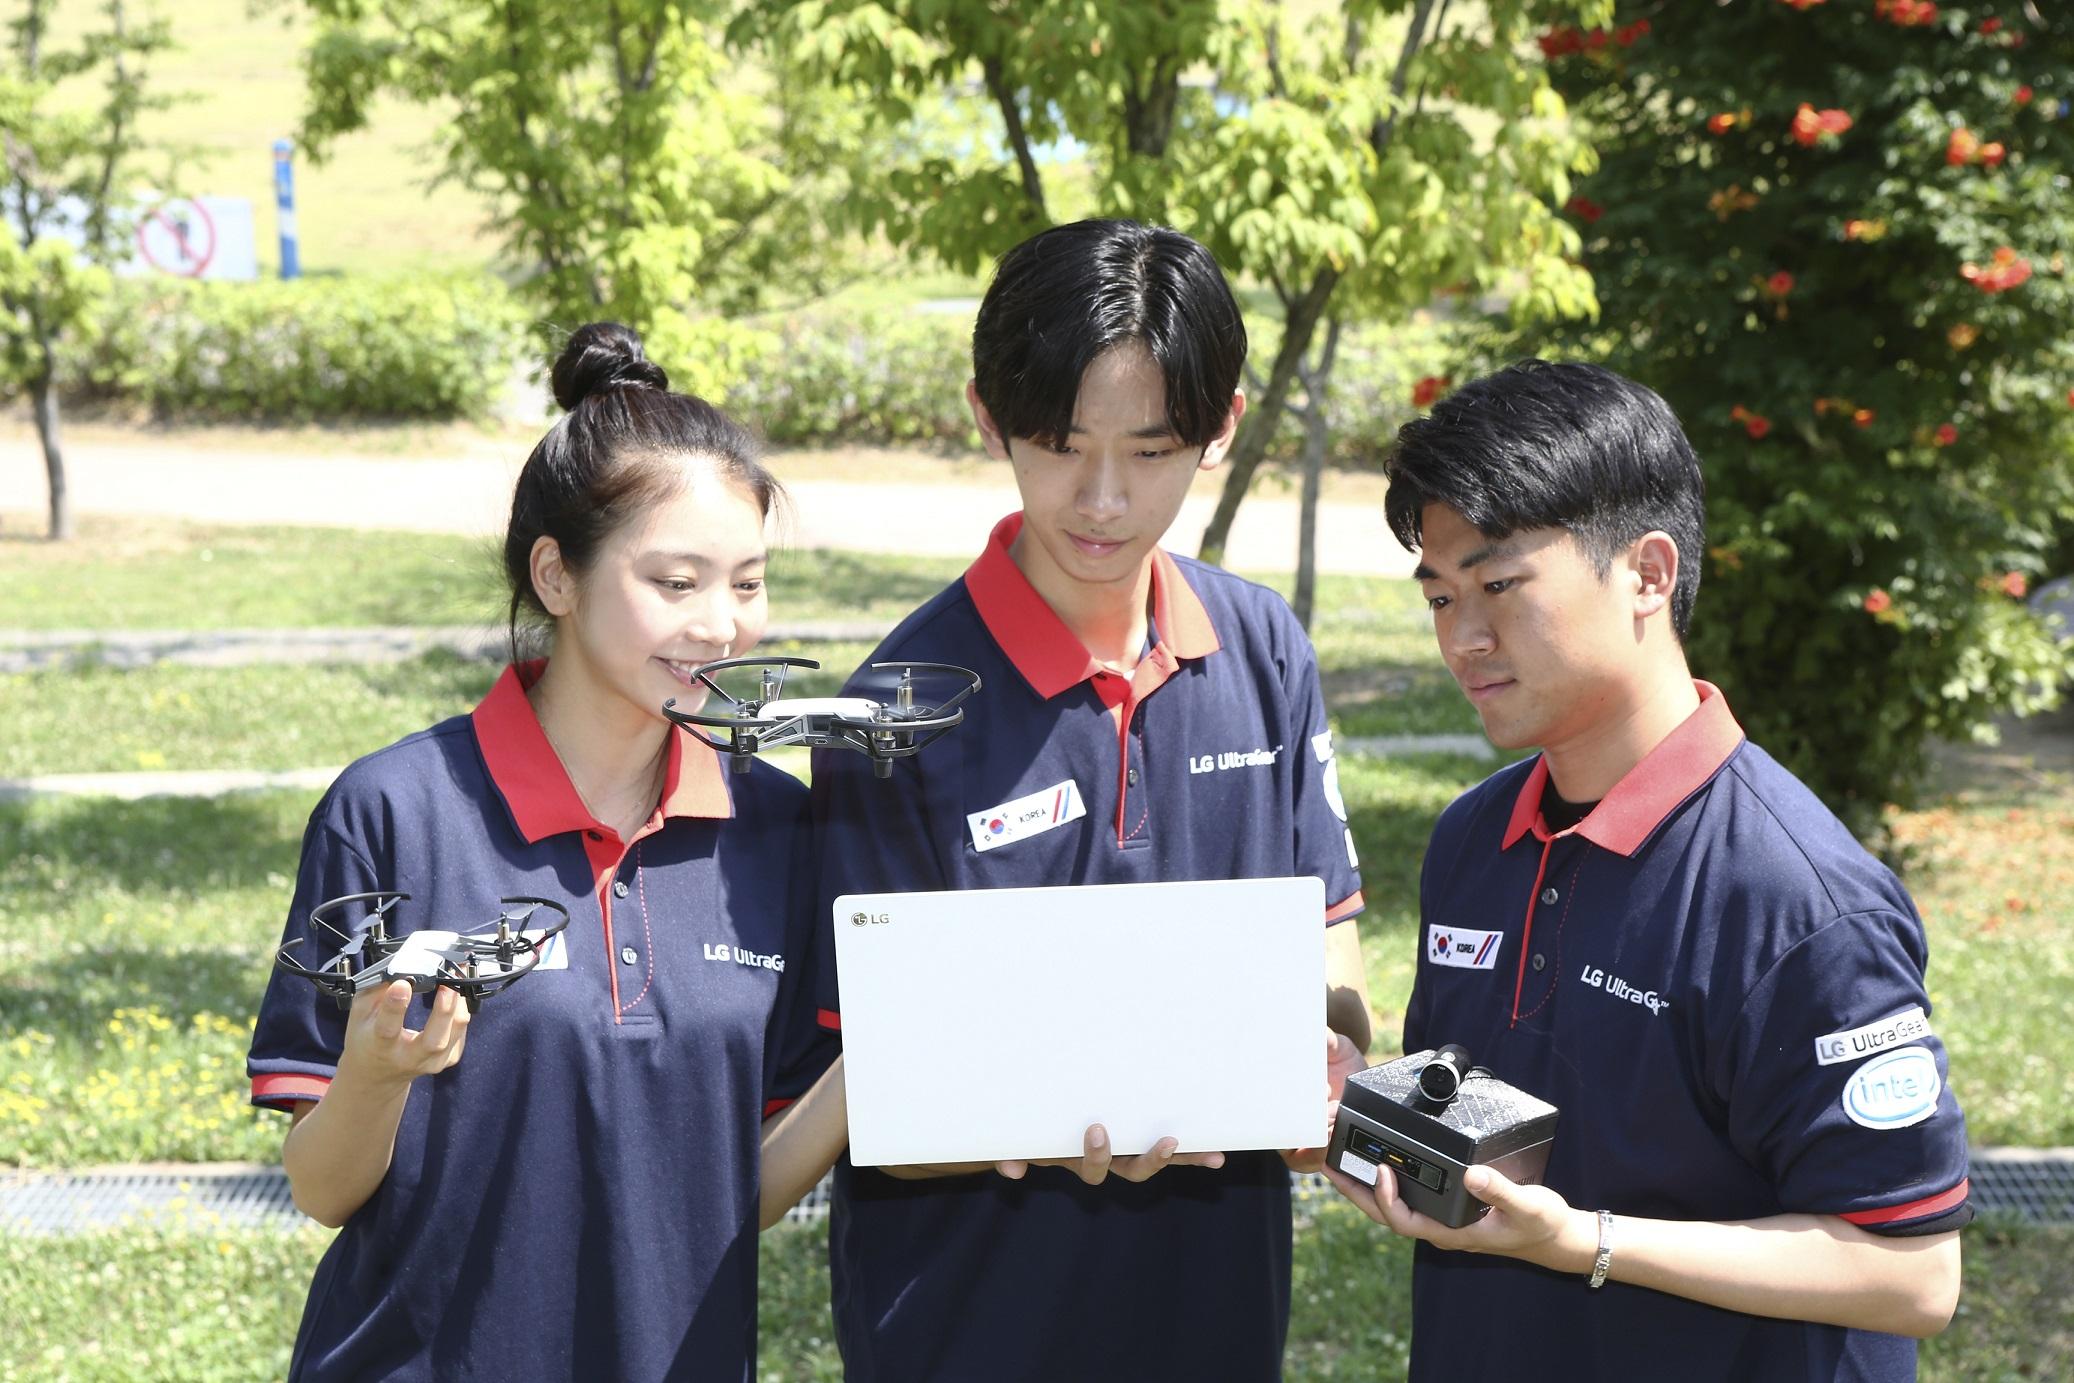 LG전자가 게이밍 모니터·노트북 브랜드 'LG 울트라기어'의 브랜드 인지도를 강화하기 위해 진행하는 'LG 울트라 페스티벌' 행사의 일환으로, 인텔·KISTI(한국과학기술정보연구원)와 함께 'AI 드론 경진대회'를 개최한다. 모델들이 드론 주행을 위해 소프트웨어 코딩 작업으로 완성한 인공지능 프로그램을 활용하고 있다.